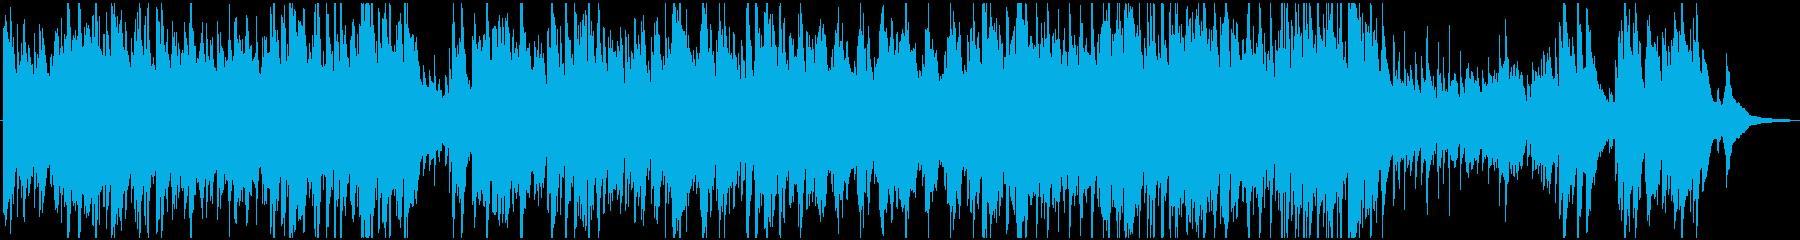 春の暖かさを感じるハープ曲の再生済みの波形